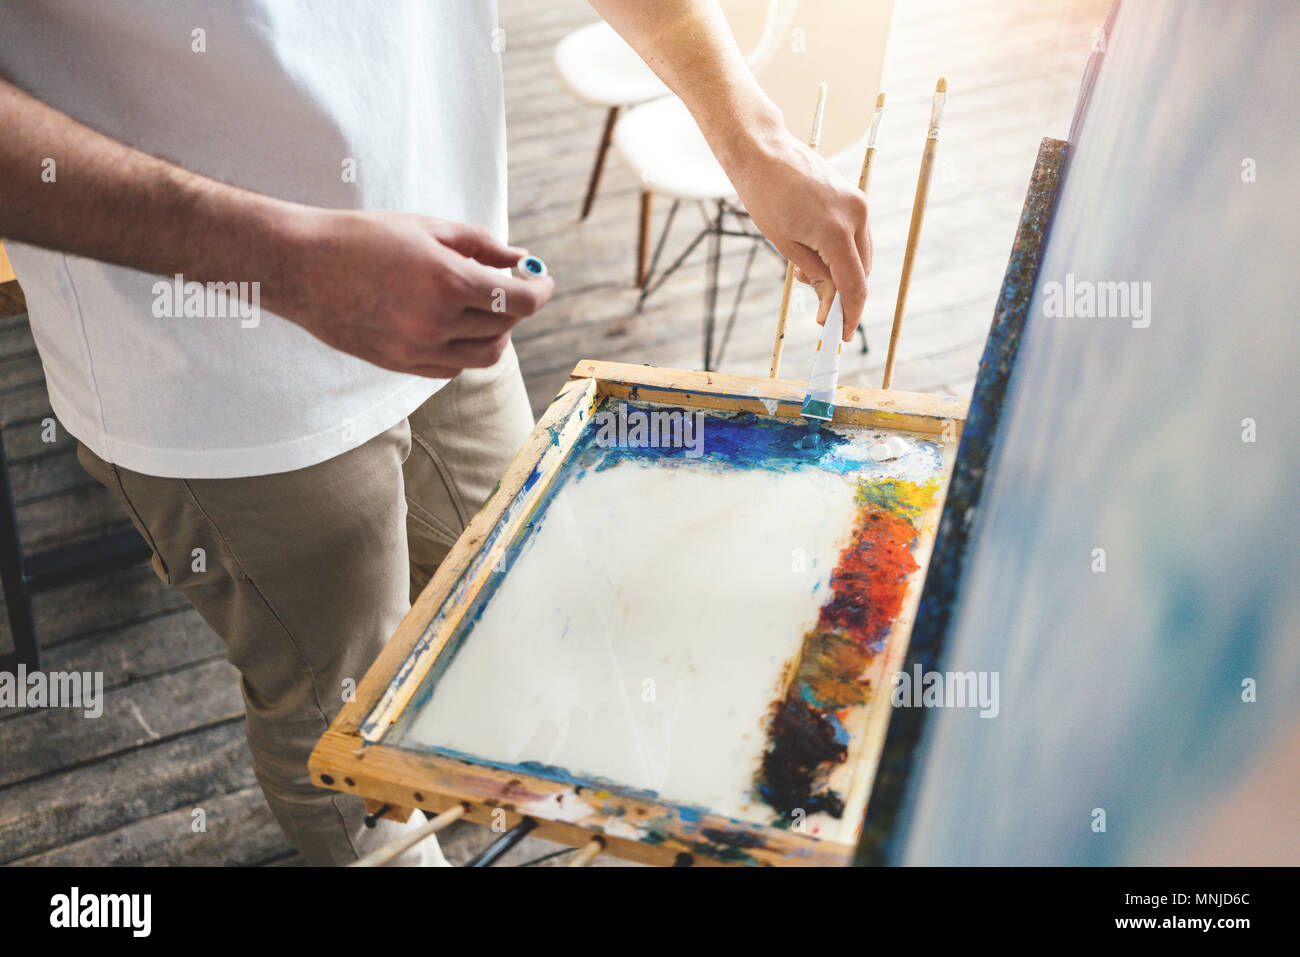 Pintor la mezcla de los colores de pintura de aceite sobre la paleta en el taller. Los hombres artista en Light Studio. Efecto Destello de lente Imagen De Stock